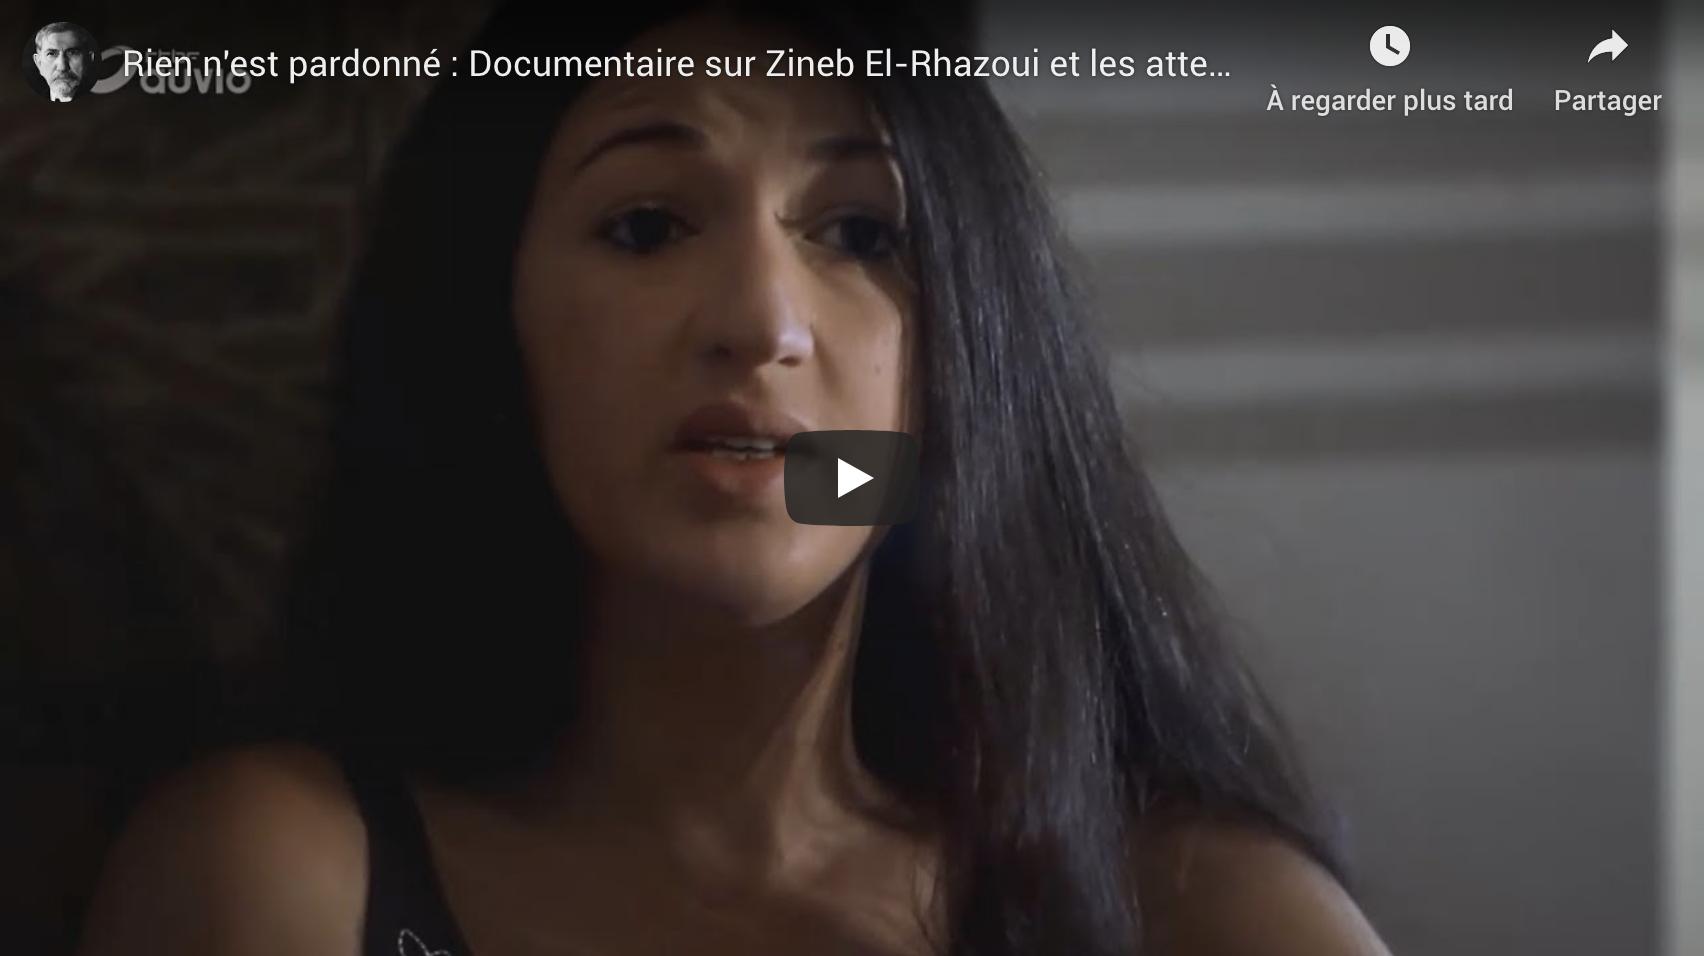 """""""Rien n'est pardonné"""" : documentaire sur Zineb El-Rhazoui et les attentats de """"Charlie Hebdo"""" (VIDÉO)"""